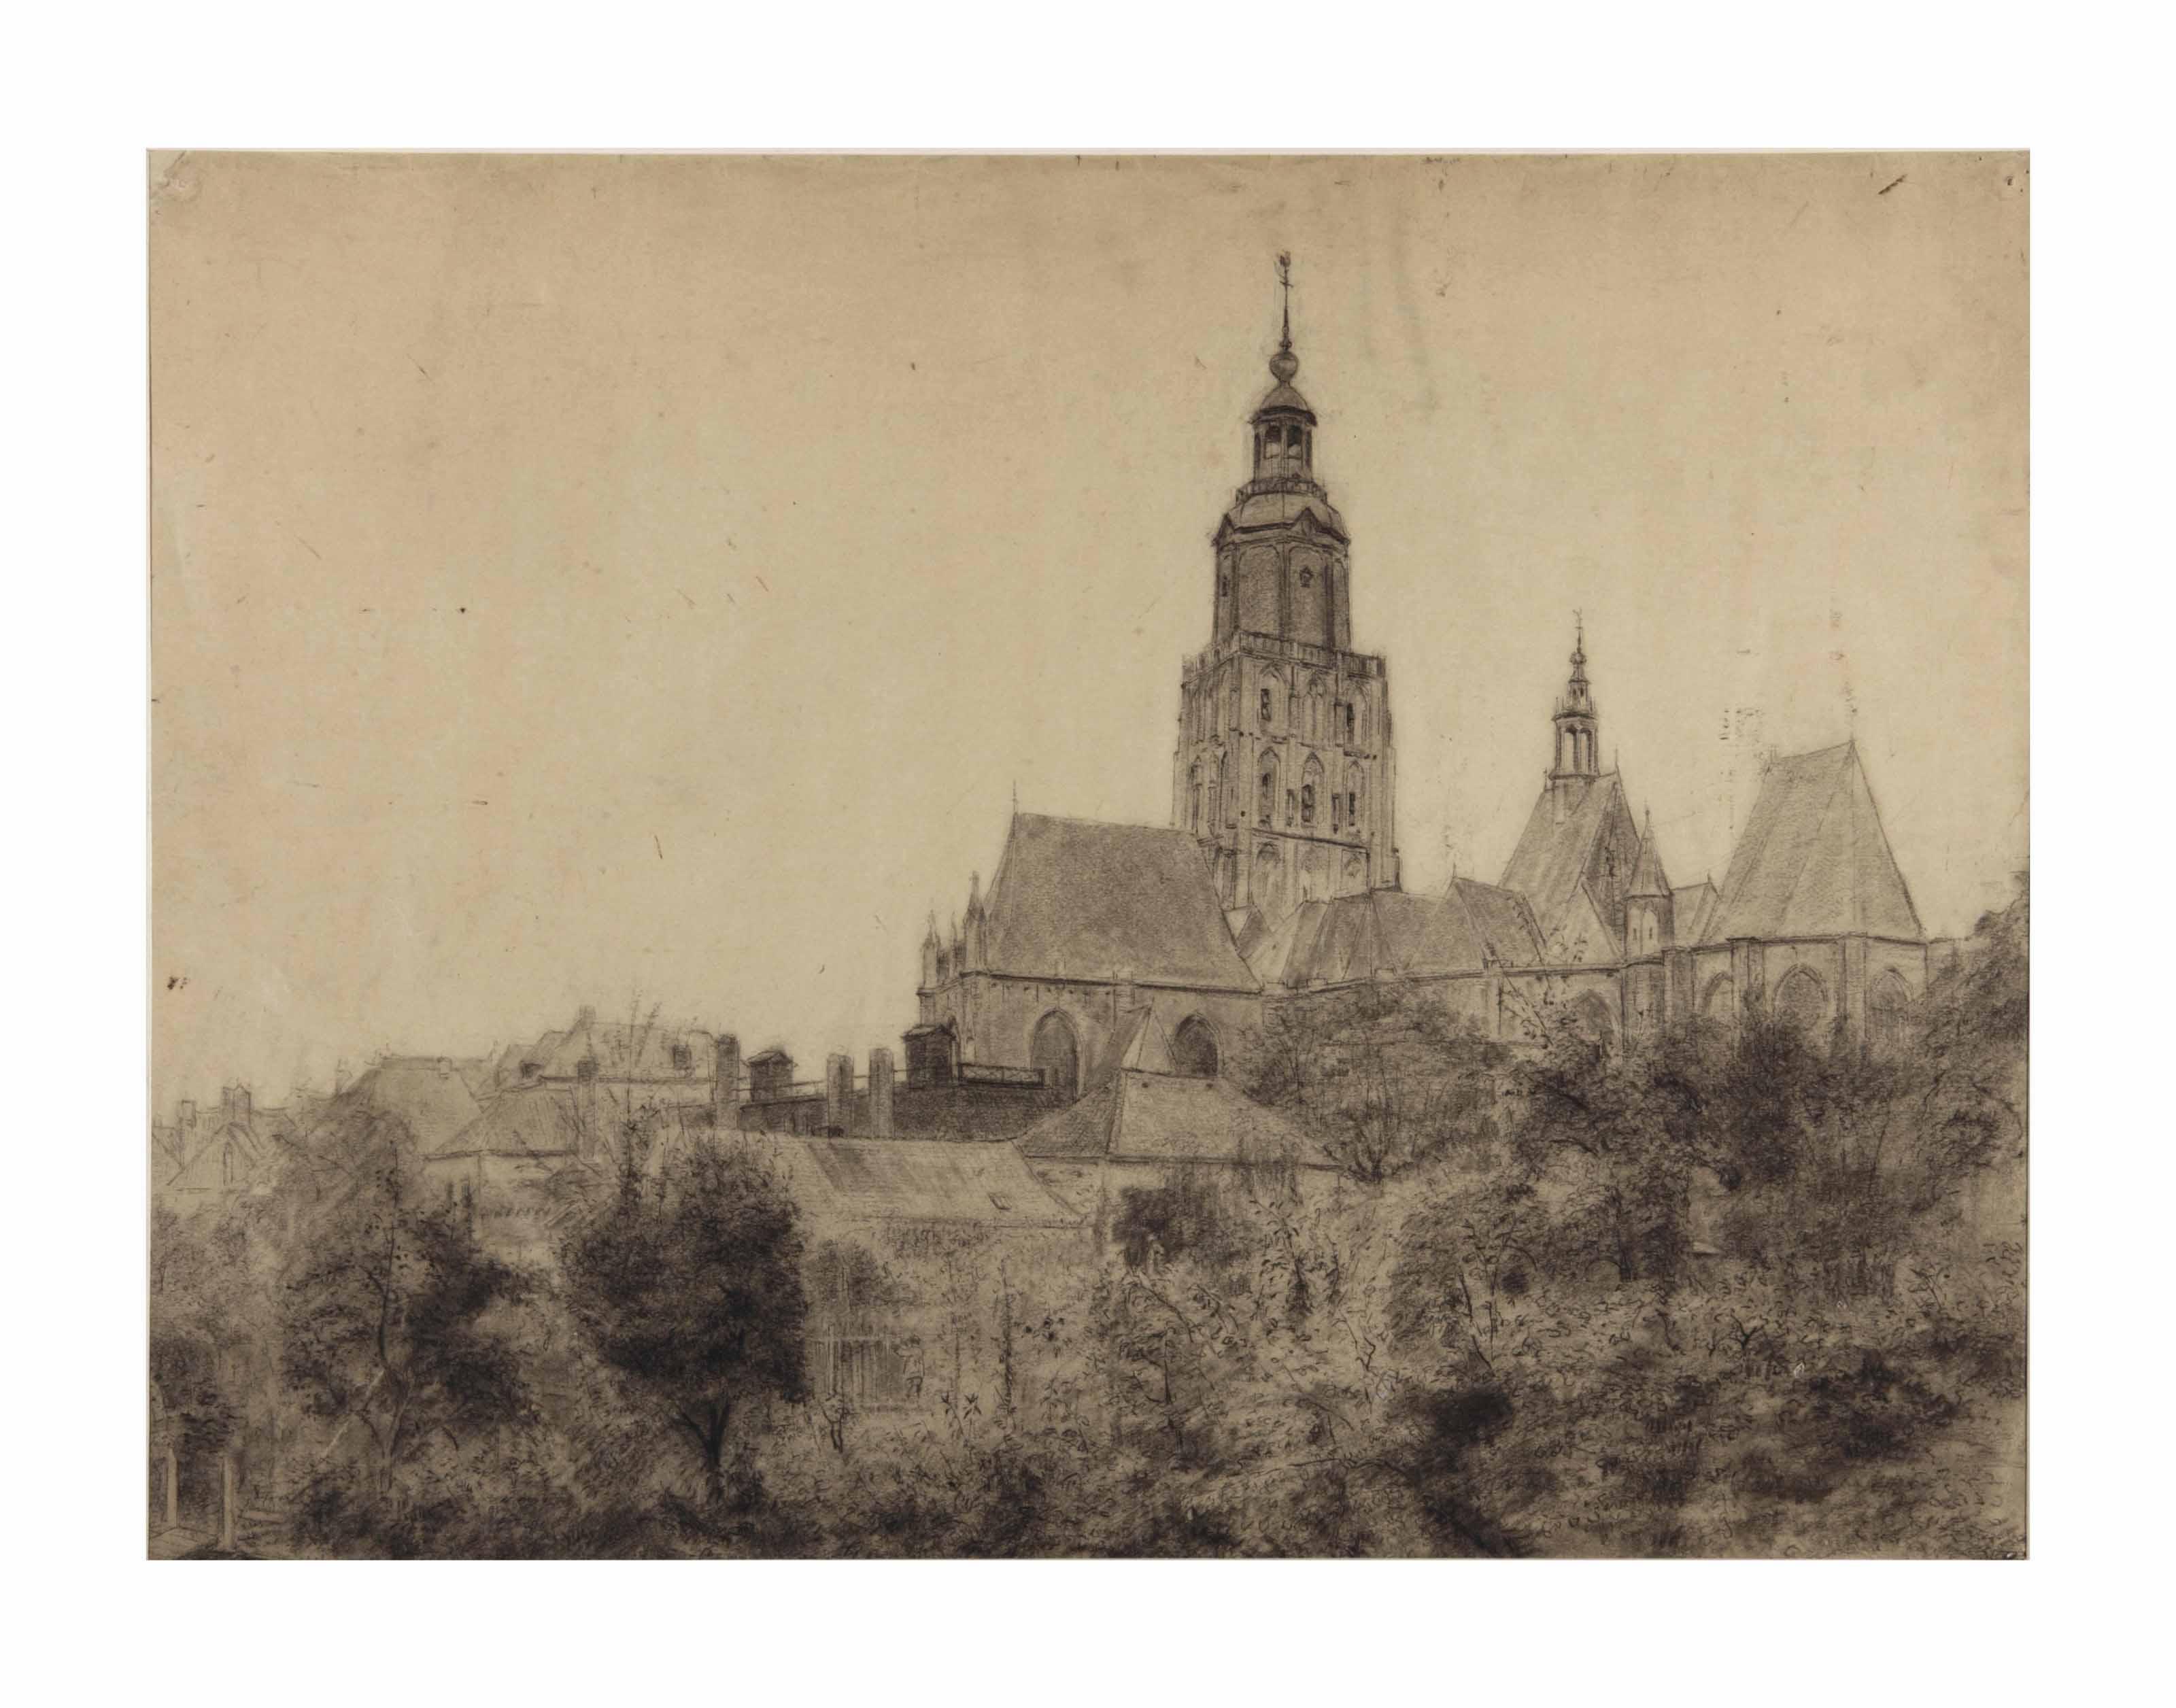 View of Sint Walburgiskerk, Zutphen